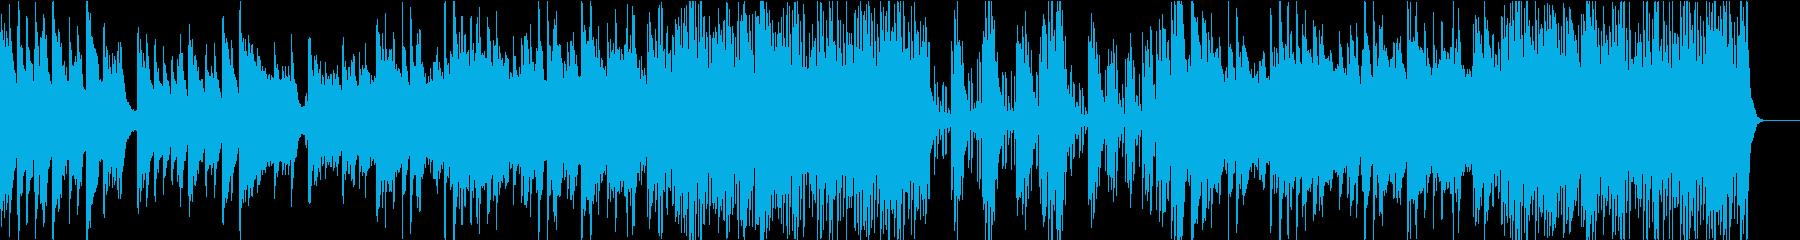 ソロピアノ/希望/復活/未来/過去/優雅の再生済みの波形